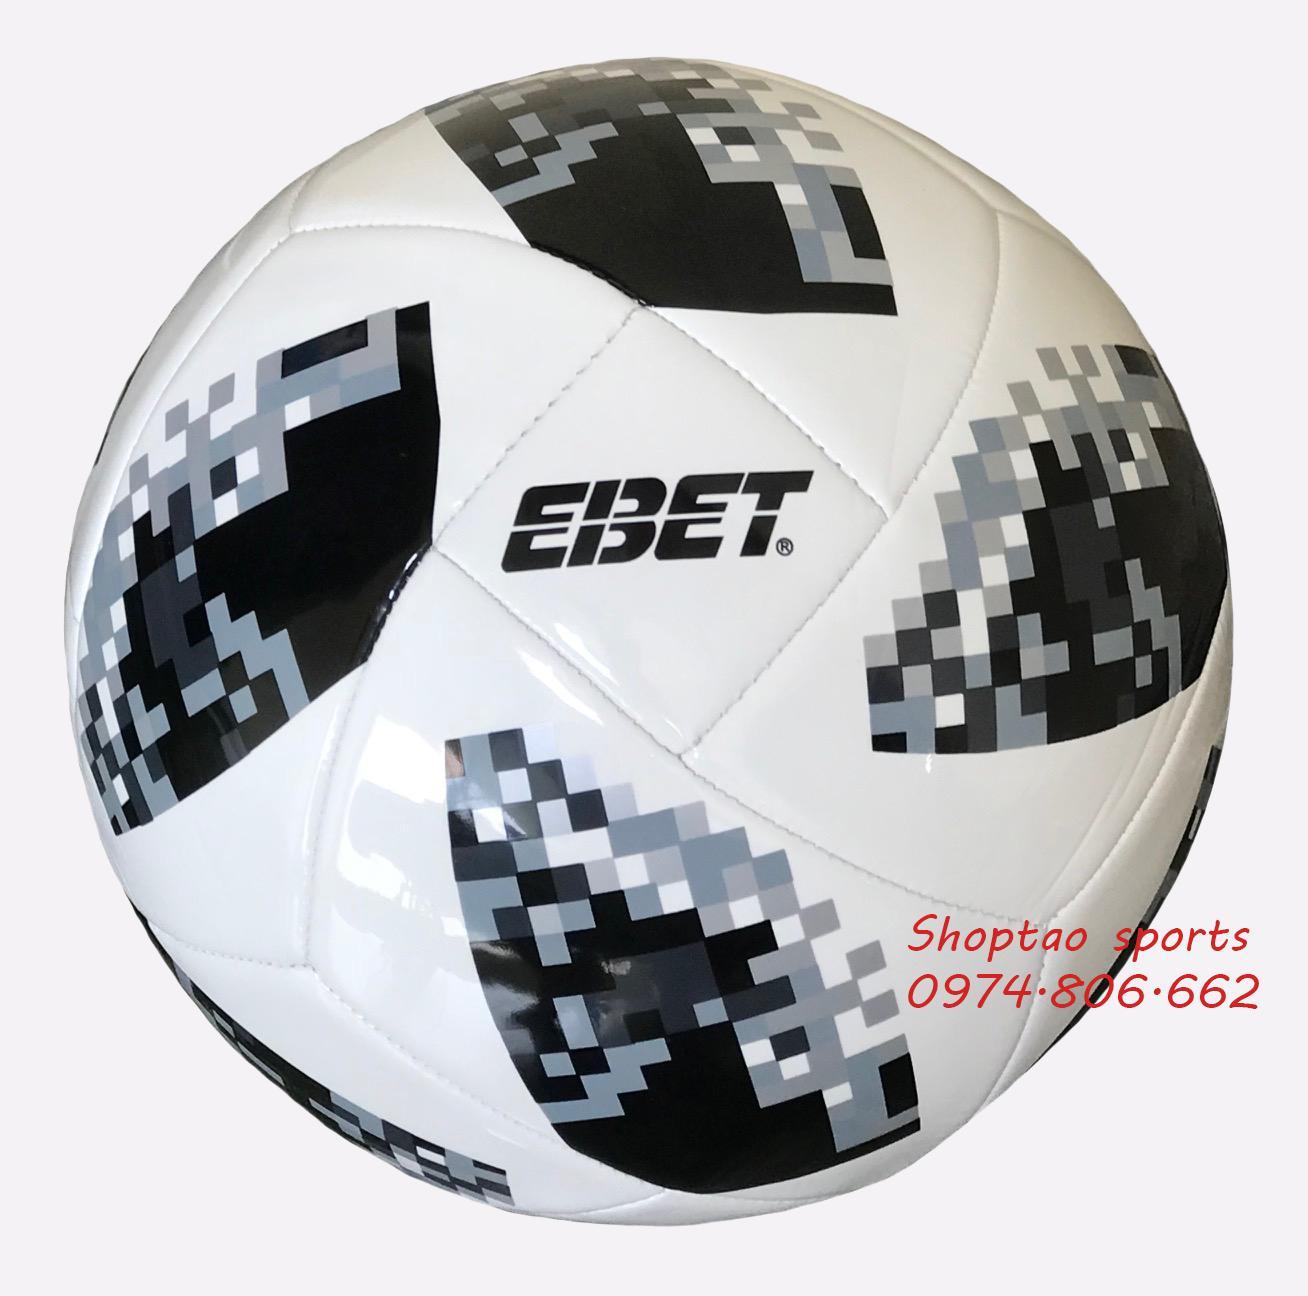 Quả bóng đá Động Lực size 5 World Cup 2018 và Asiad 2018 (Hàng nhập khẩu- Tặng kim bơm bóng) Nhật Bản